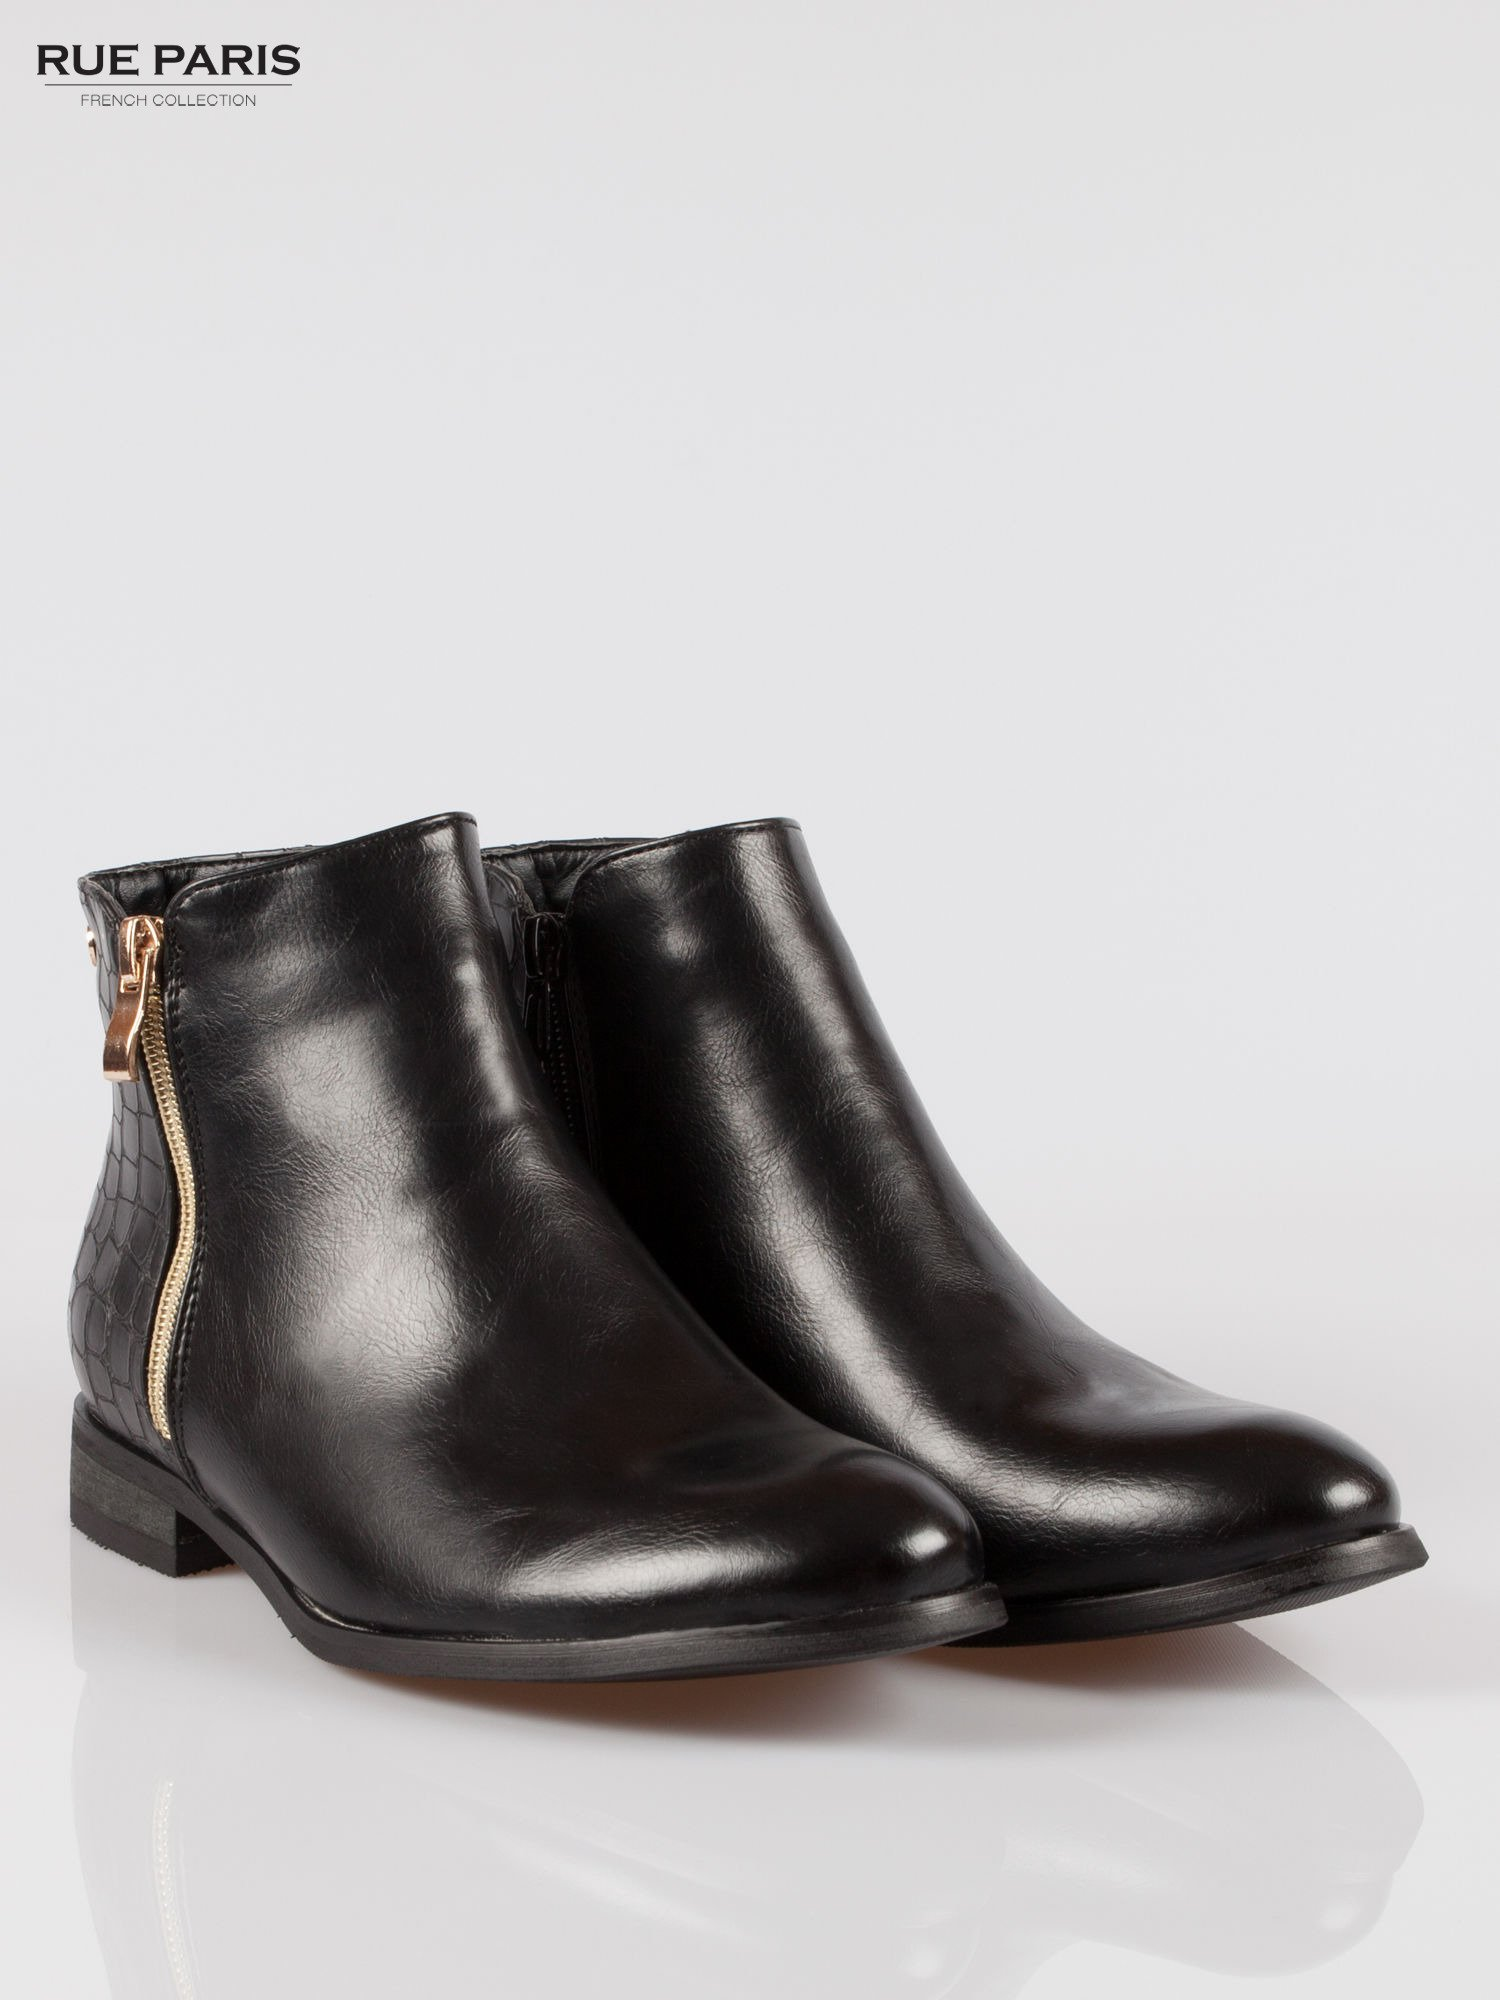 Czarne botki ze złotym zamkiem i tyłem z efektem skóry krokodyla                                  zdj.                                  2